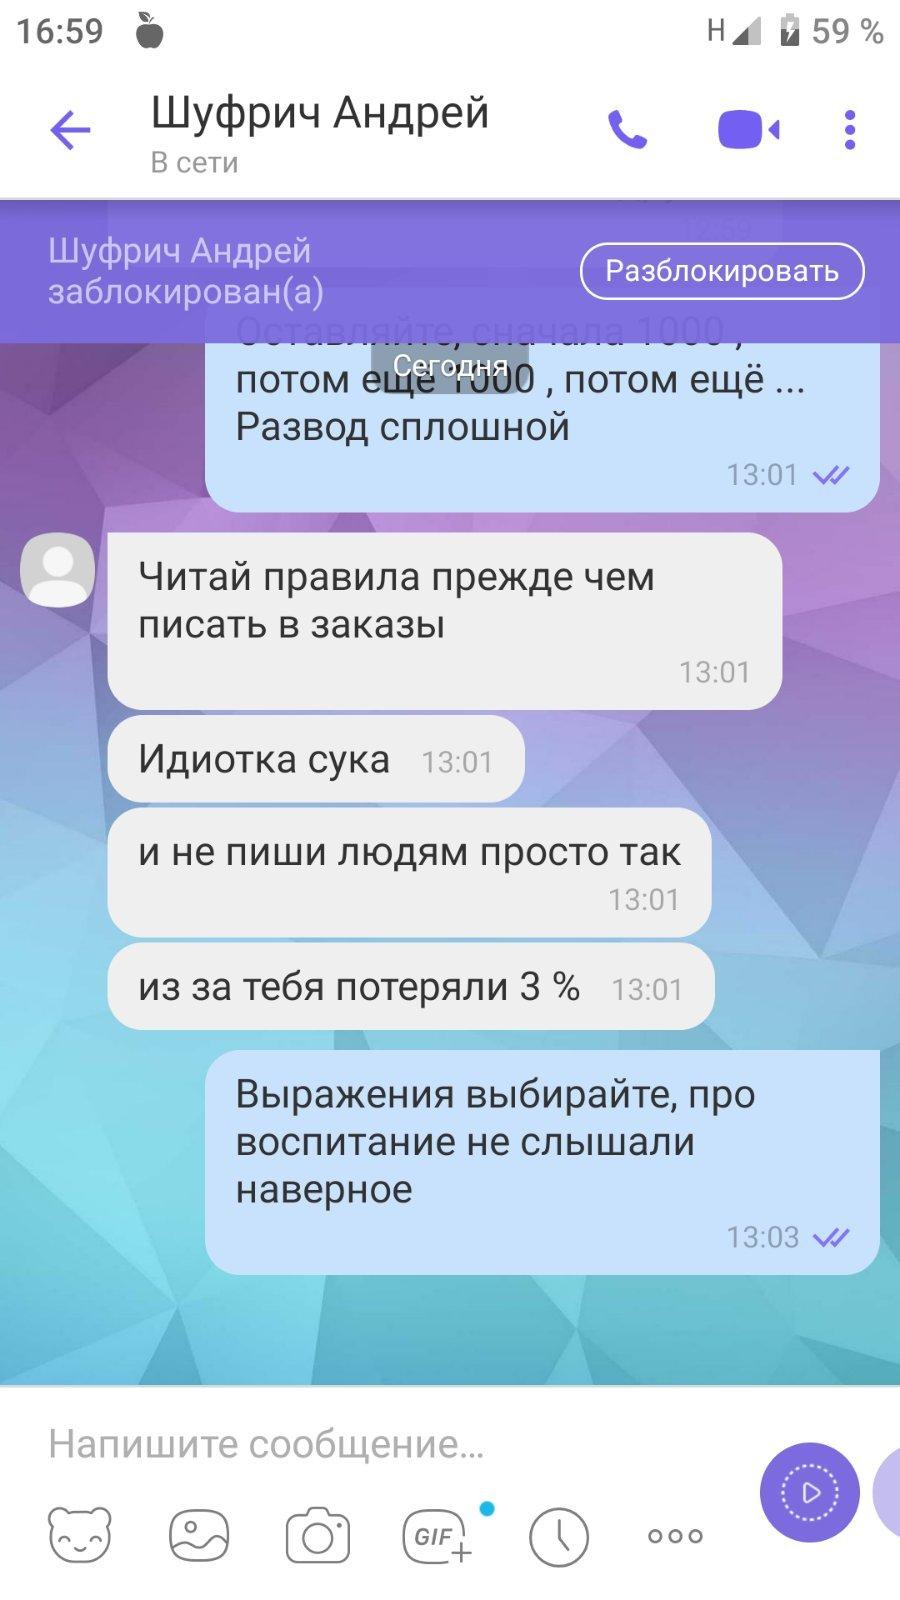 Фриланс мошенники вакансия тренера фриланс